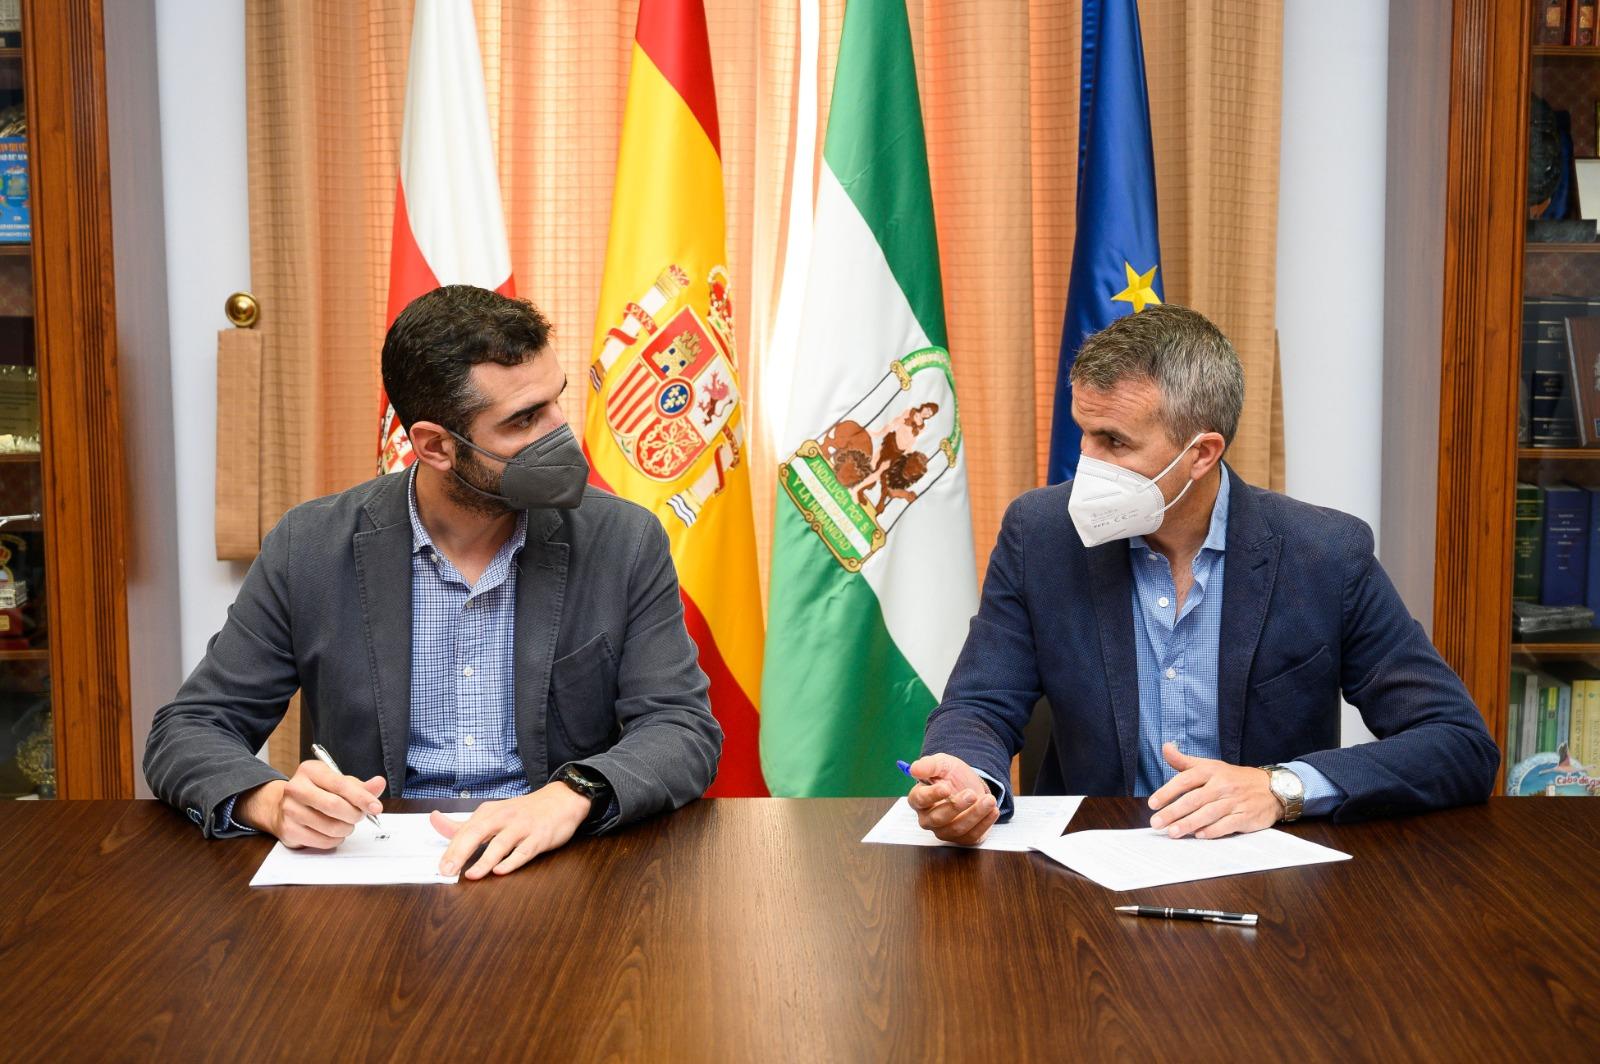 El alcalde firma el contrato para la remodelación de la Plaza de la Administración Vieja y su entorno con una inversión de casi un millón de euros